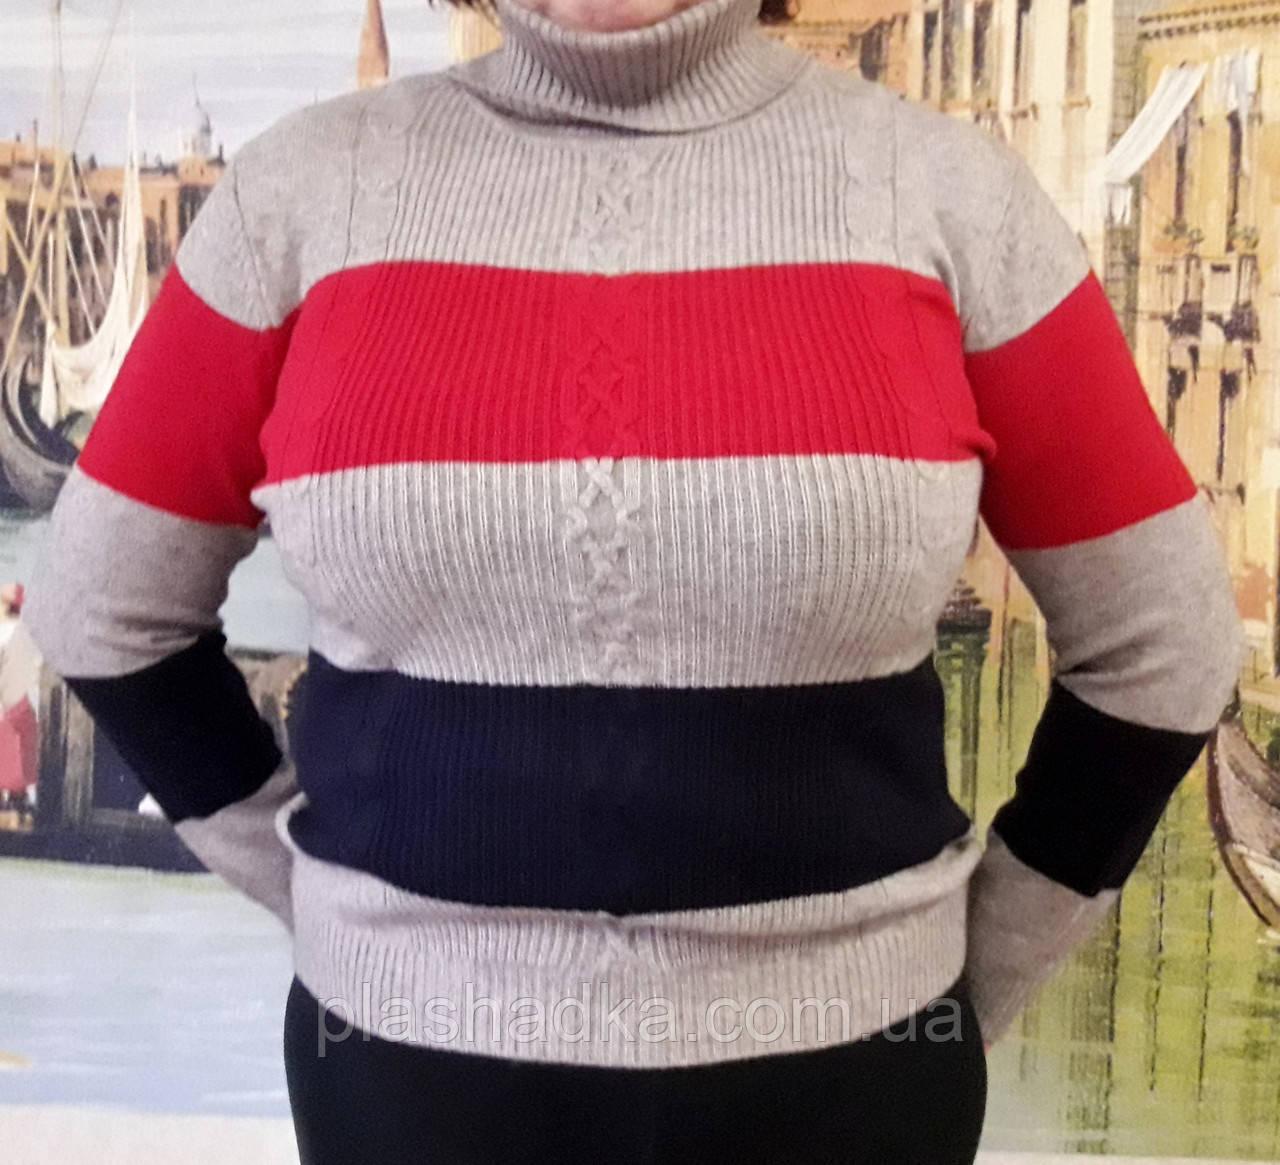 Женская кофта в полоску (цвет бежевый) Турция, Женский свитер большого размера